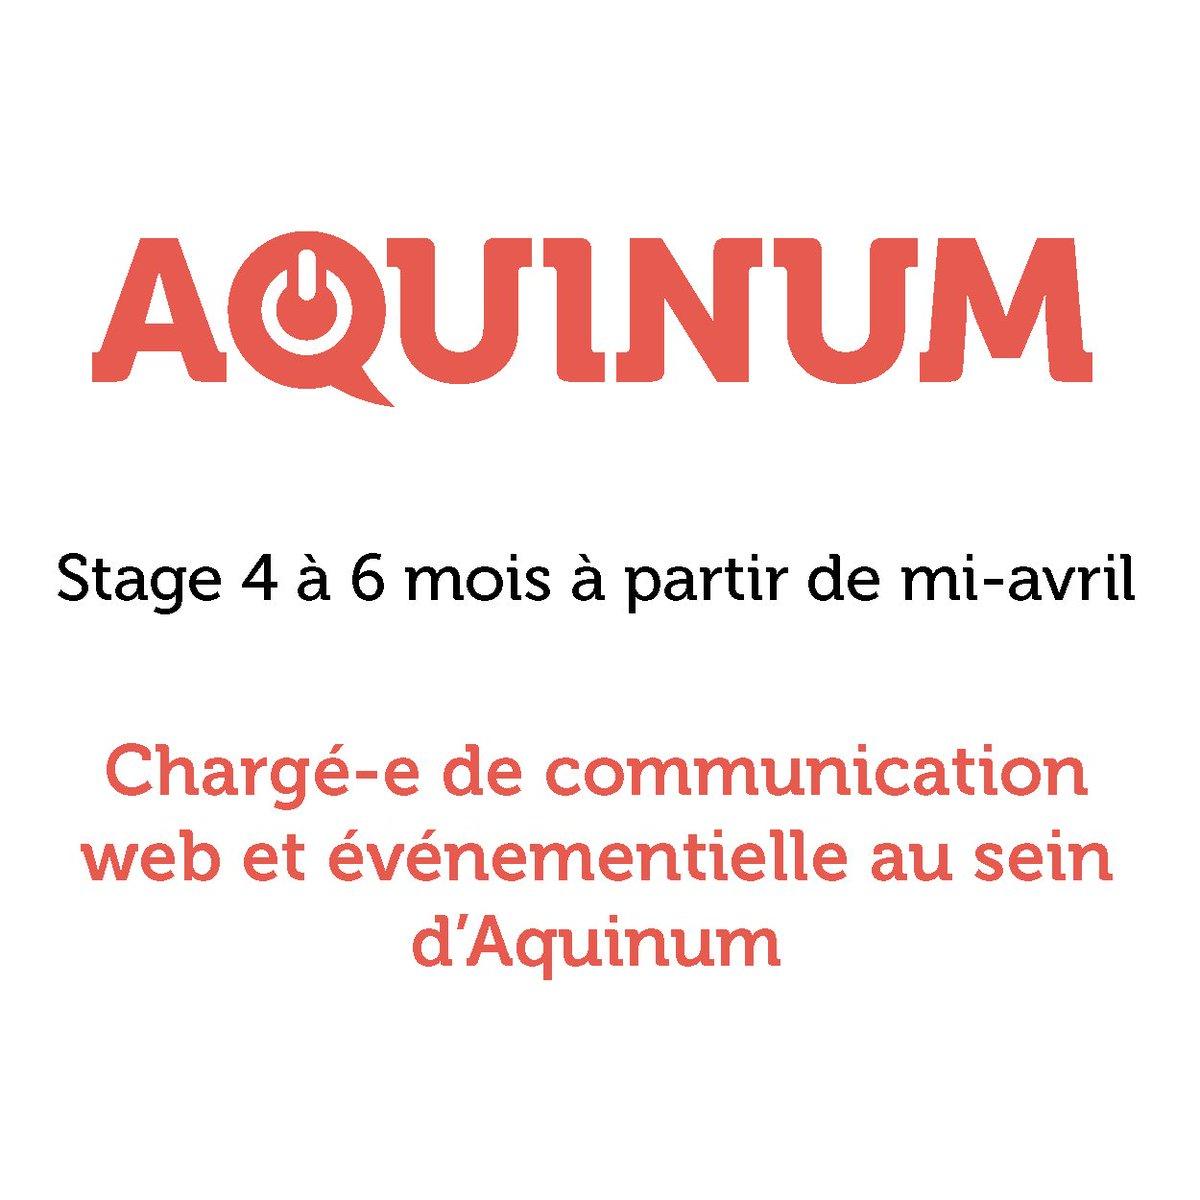 #stage Nous recherchons une pépite en #com #event #digital au sein d&#39;Aquinum ! Durée 4 à 6 mois à #Bordeaux -&gt;  http:// bit.ly/2ongnXW  &nbsp;  <br>http://pic.twitter.com/10a4XlWNys